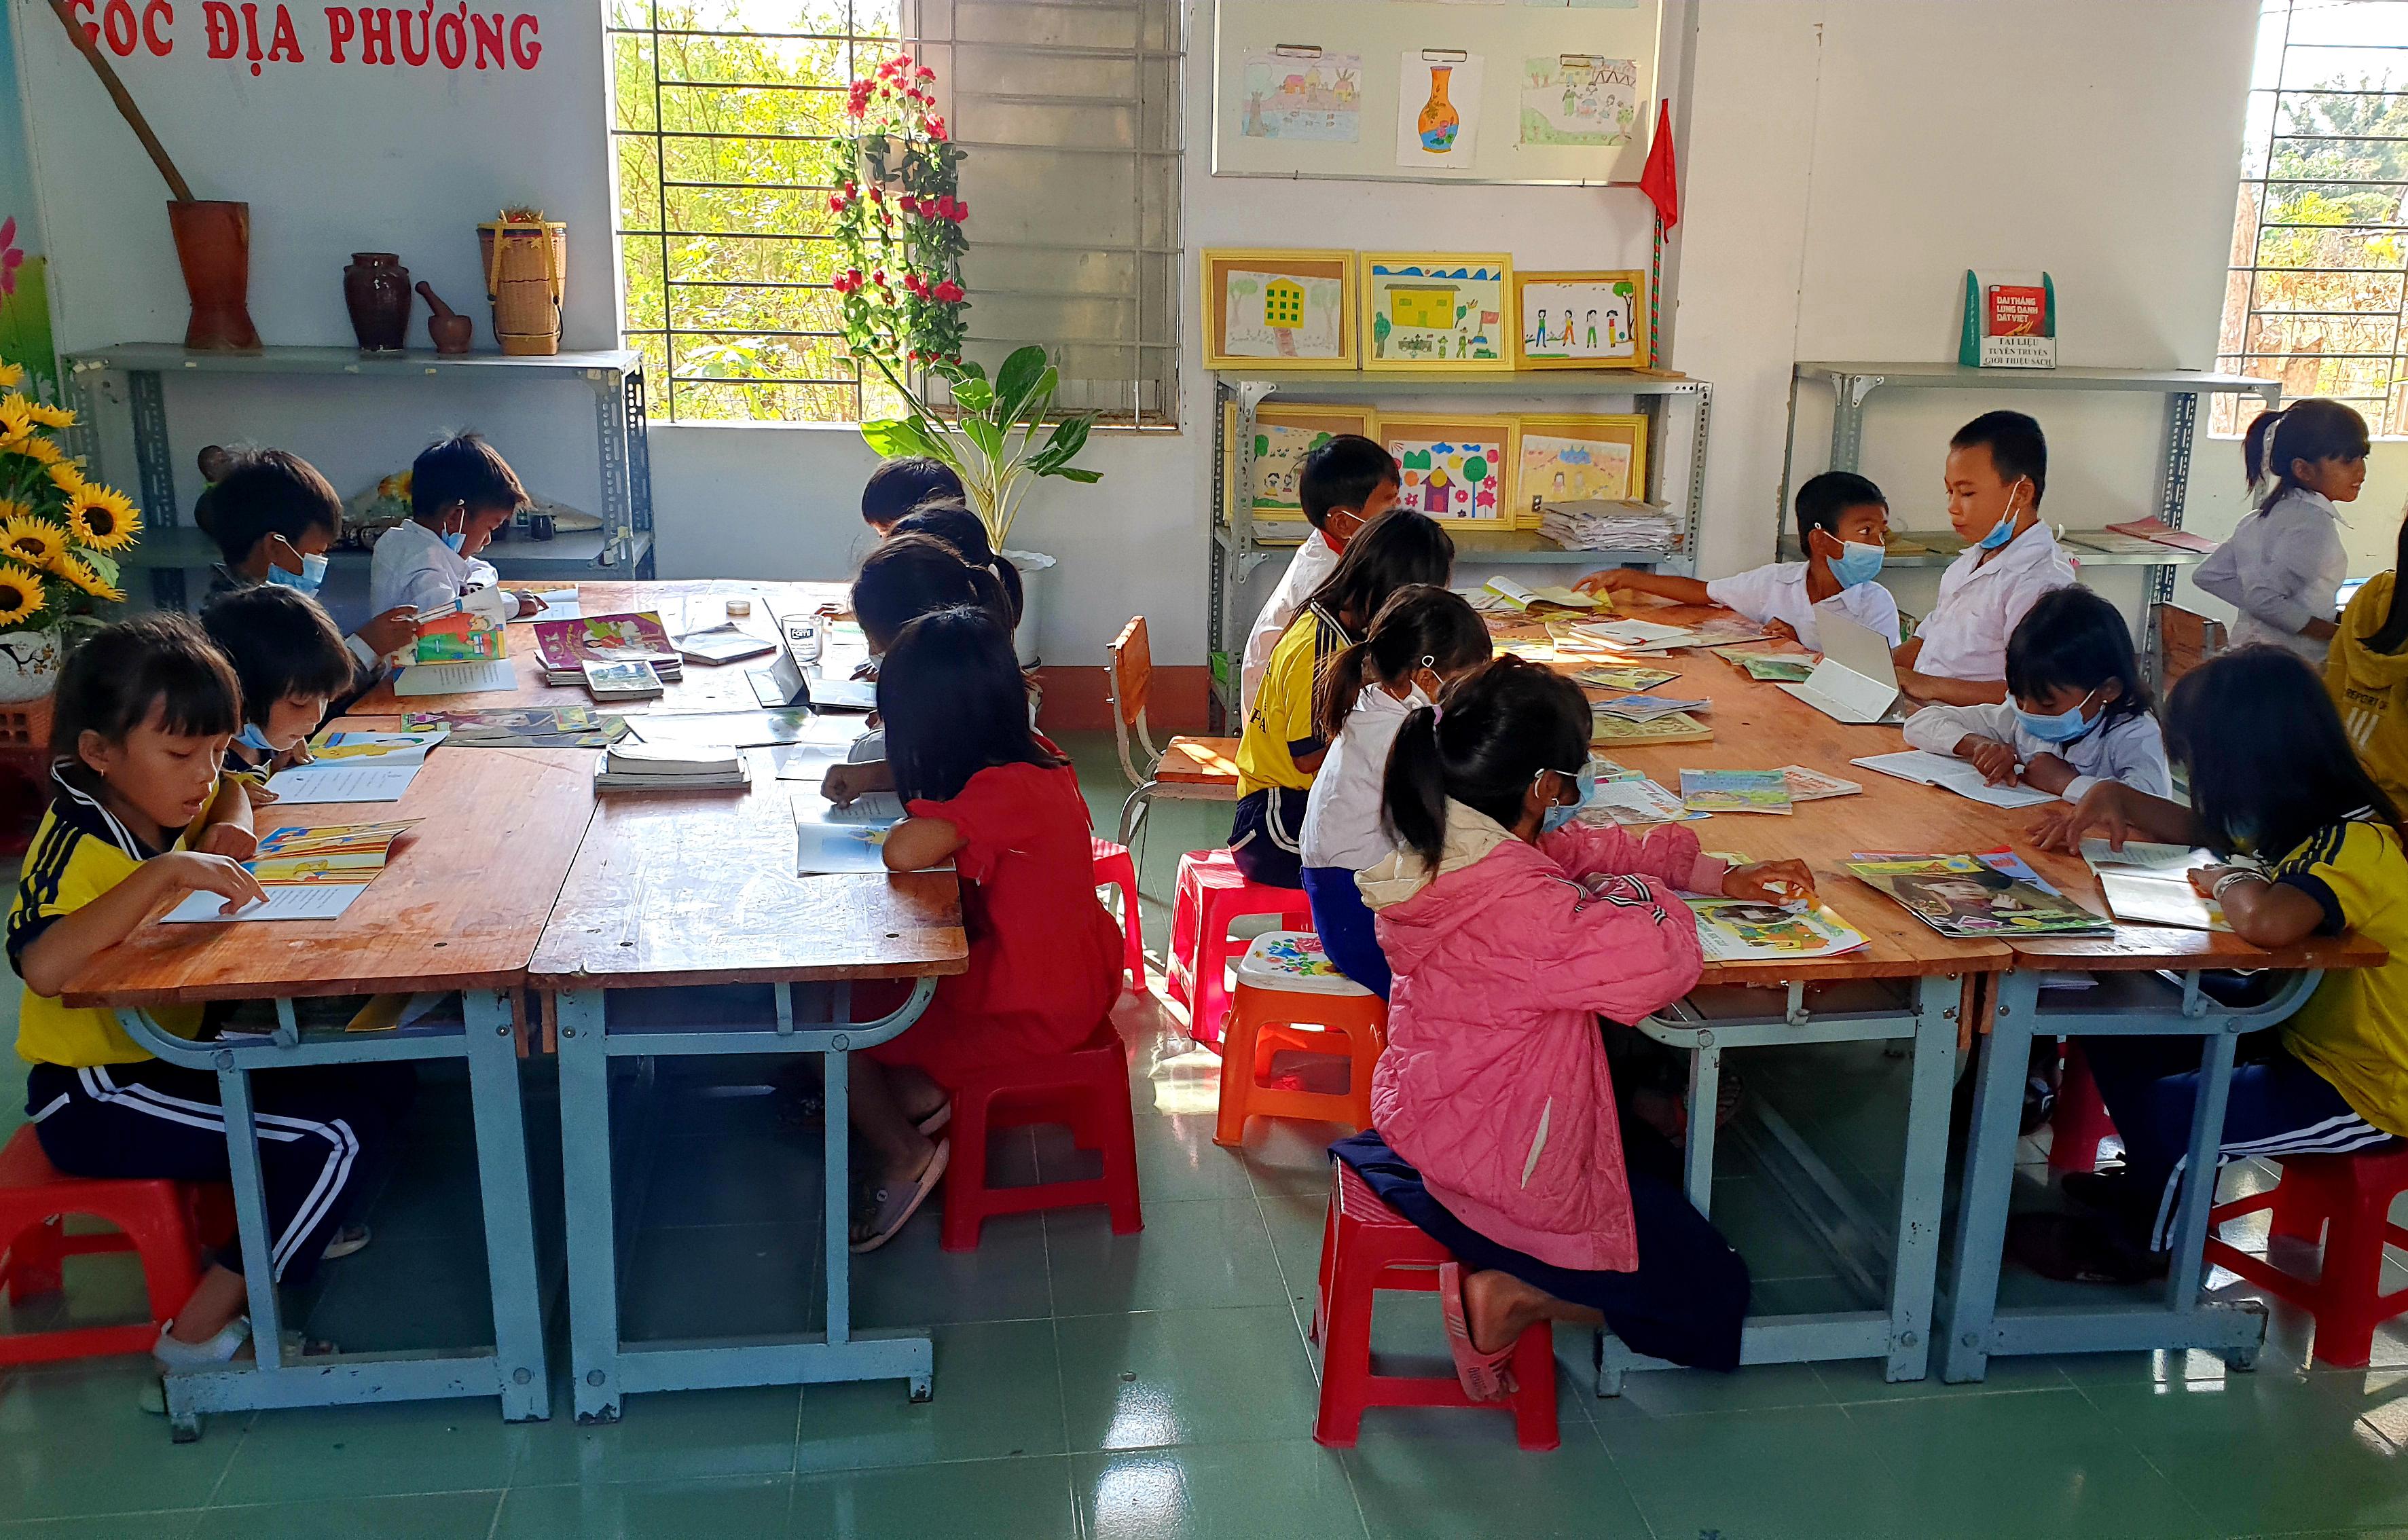 Hoạt động đọc sách tại thư viện của học sinh Trường Tiểu học Trần Quốc Tuấn (xã Chư Drăng, huyện Krông Pa)